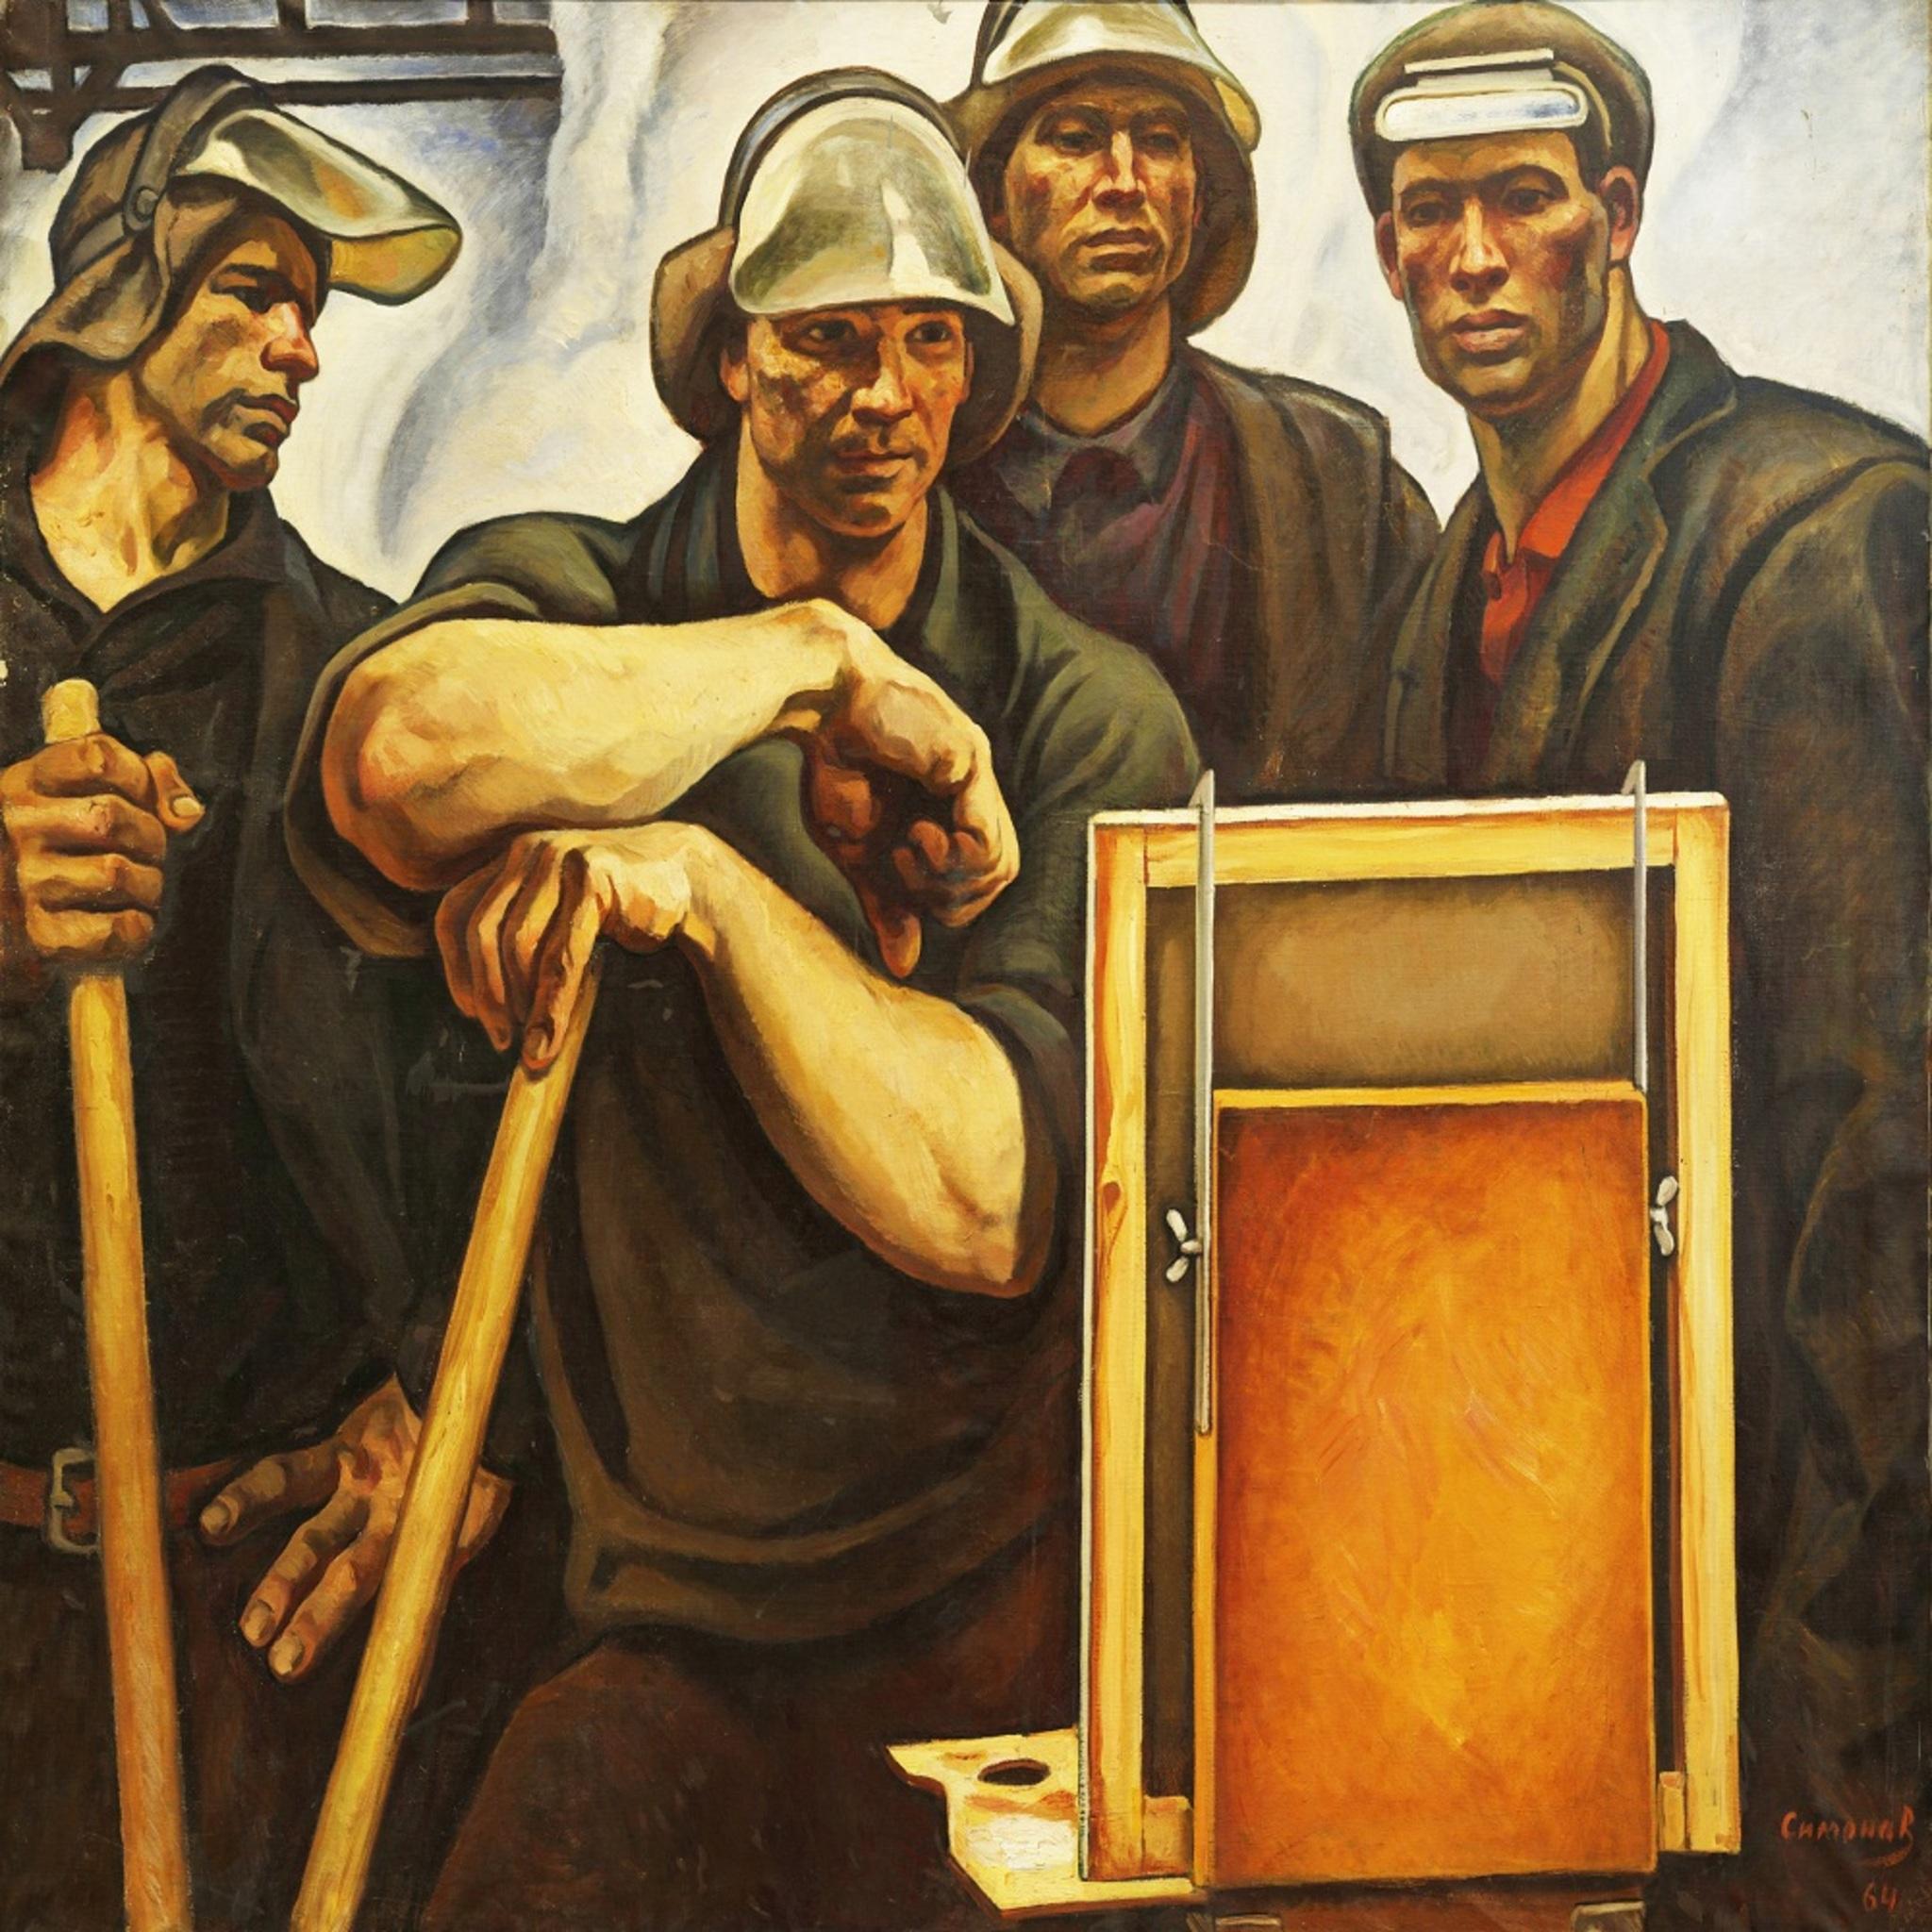 Проект «Музей современного искусства: Департамент труда и занятости»